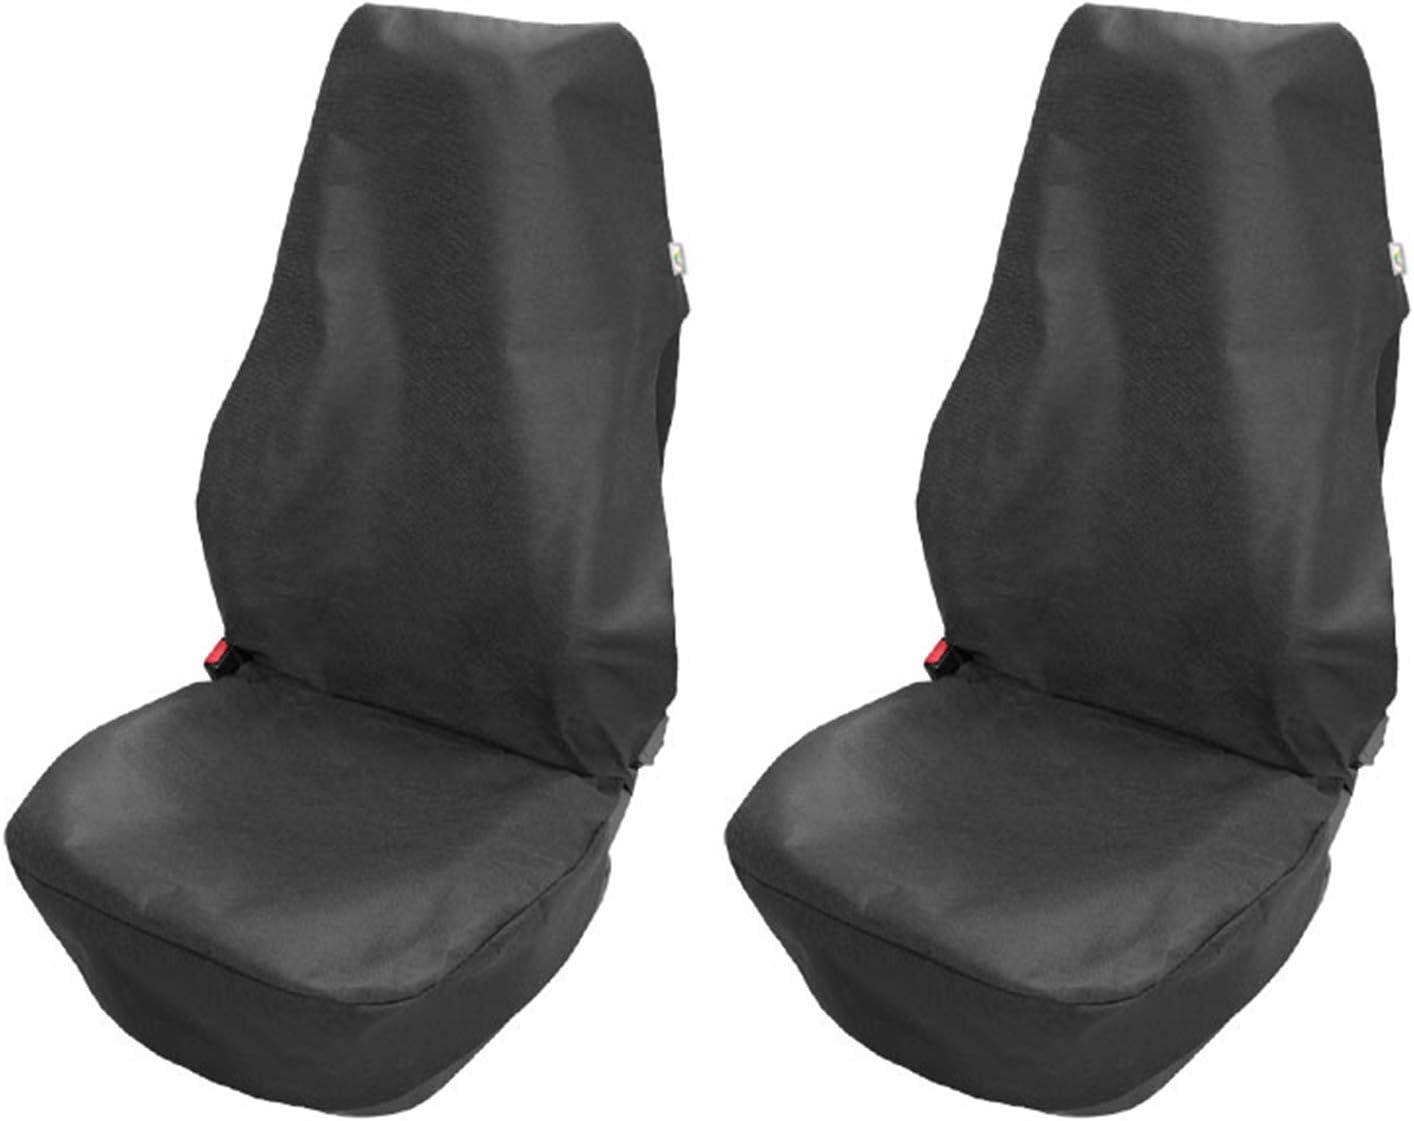 2 x Werkstattschoner Universal Schonbezug Ripstop Nylon passend für HONDA